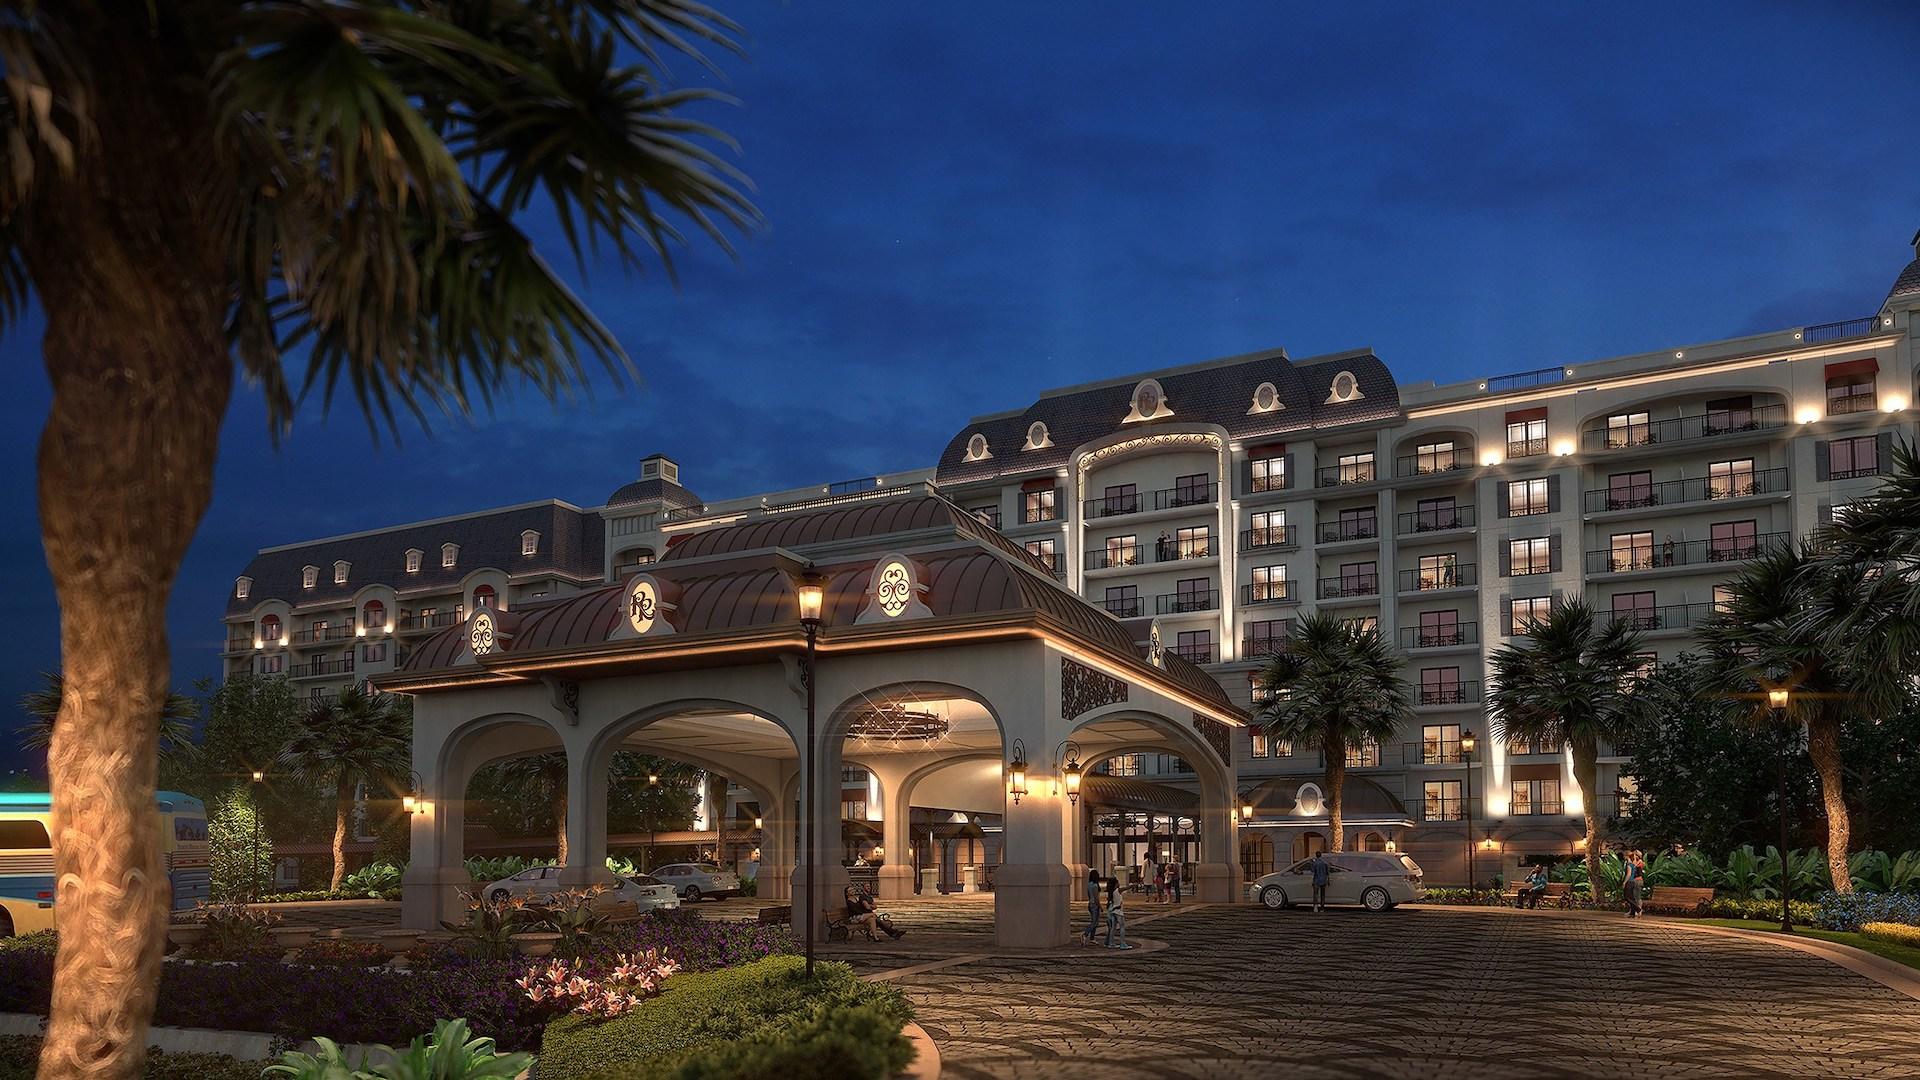 Abre en florida el nuevo hotel de Disney: Riviera Resort